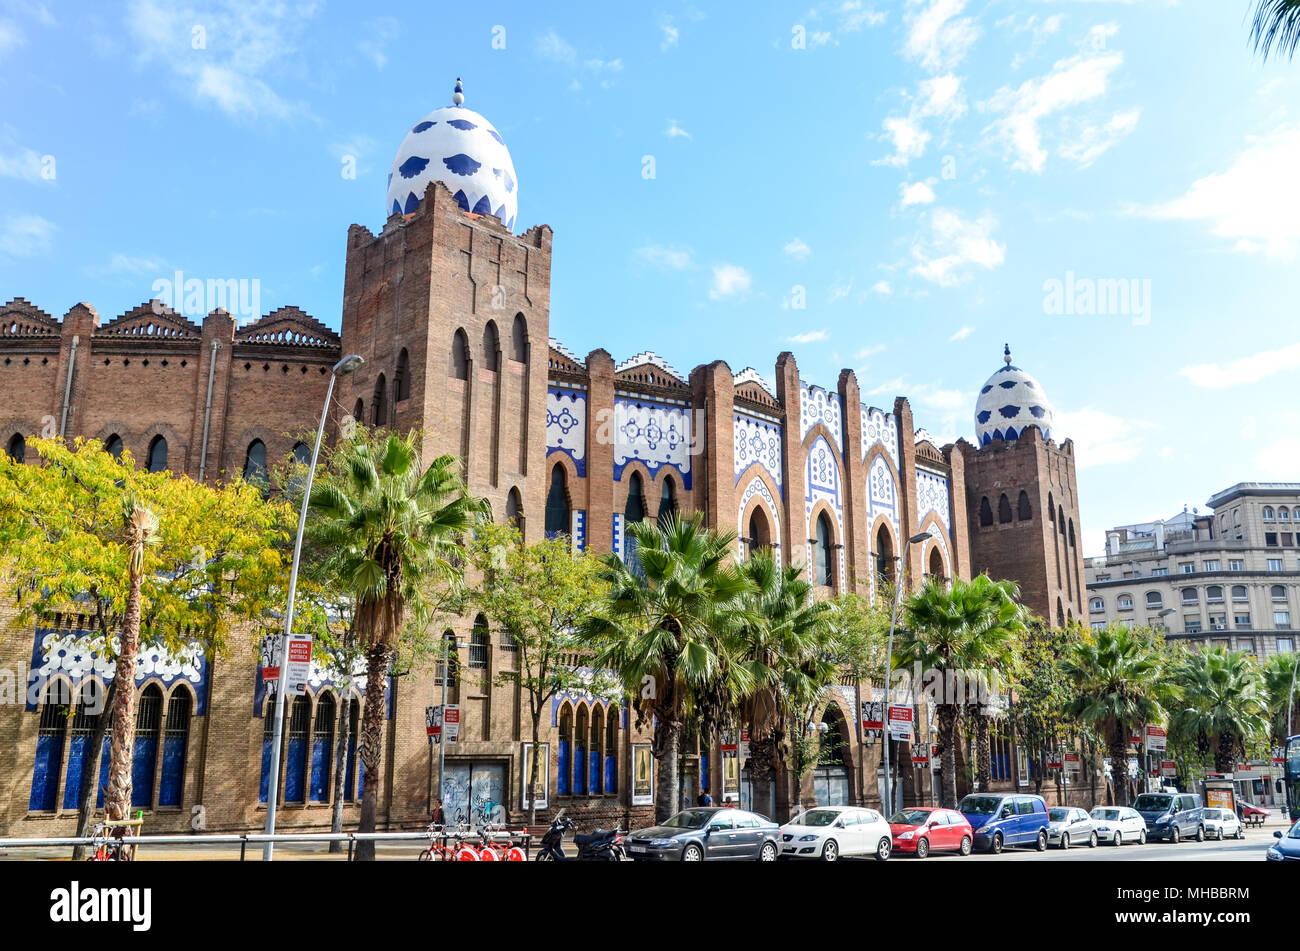 La Monumental arena, Barcelona, Spain - Stock Image